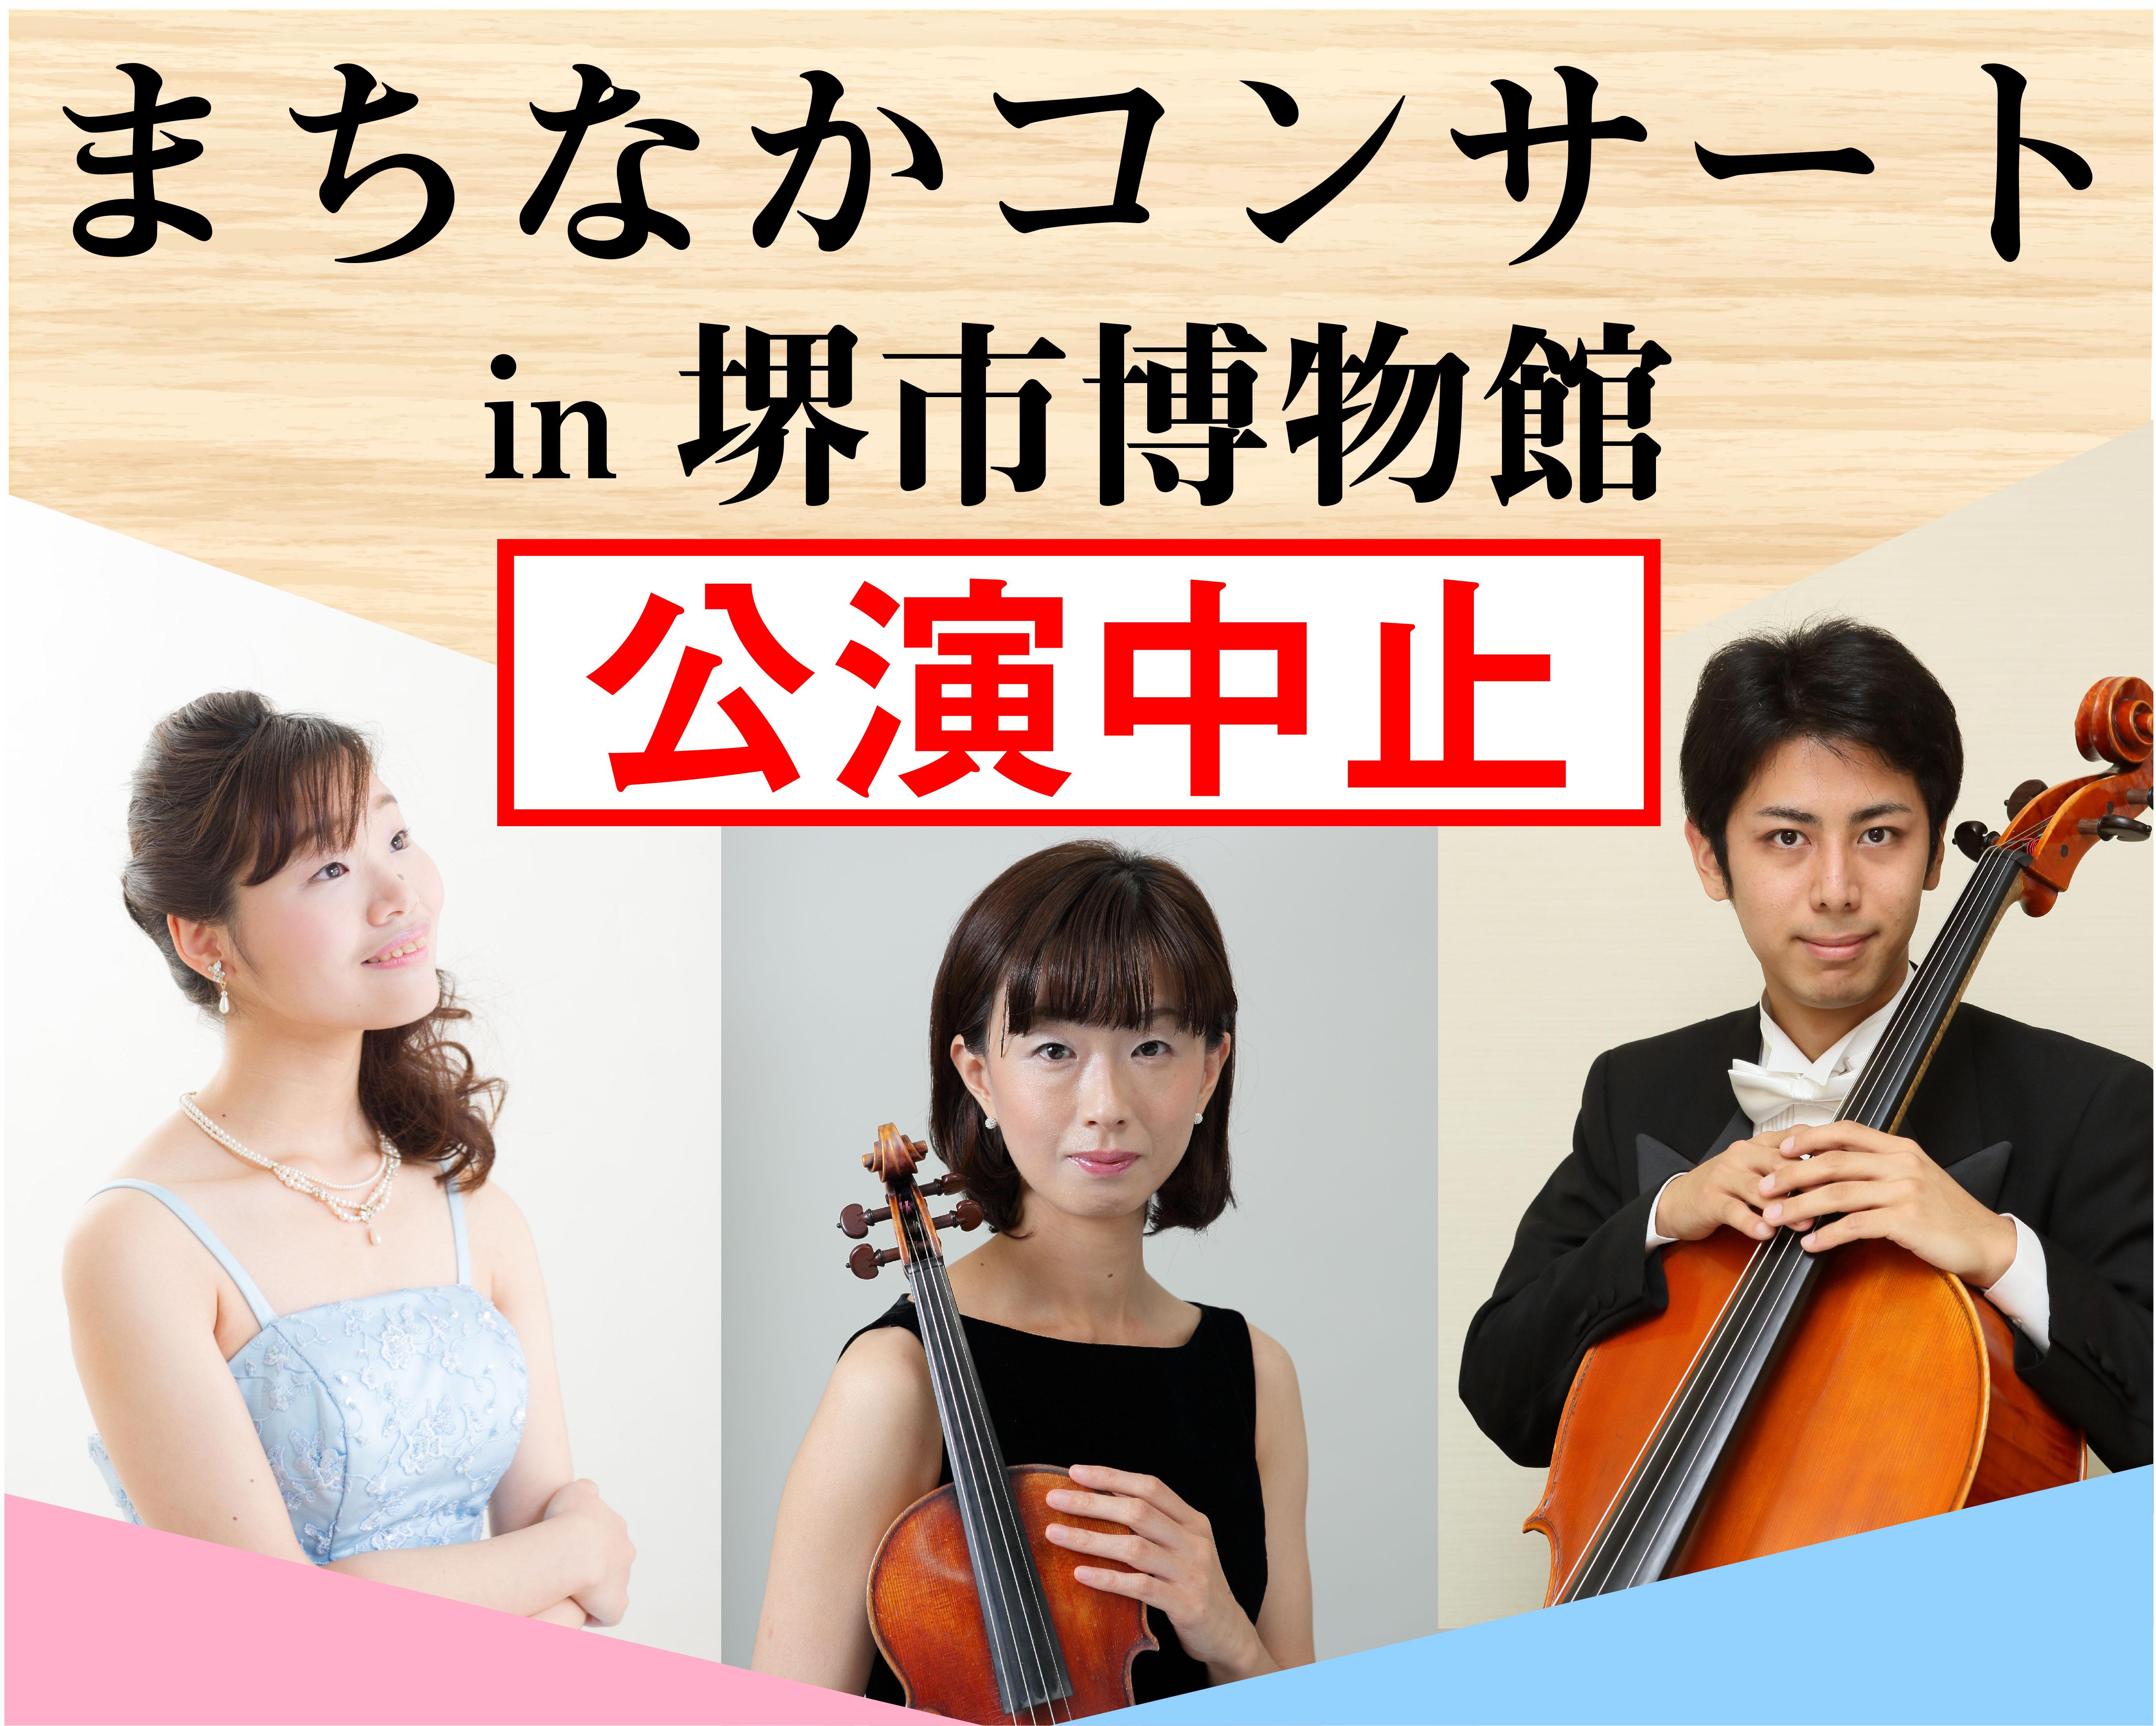 【中止】まちなかコンサート in 堺市博物館